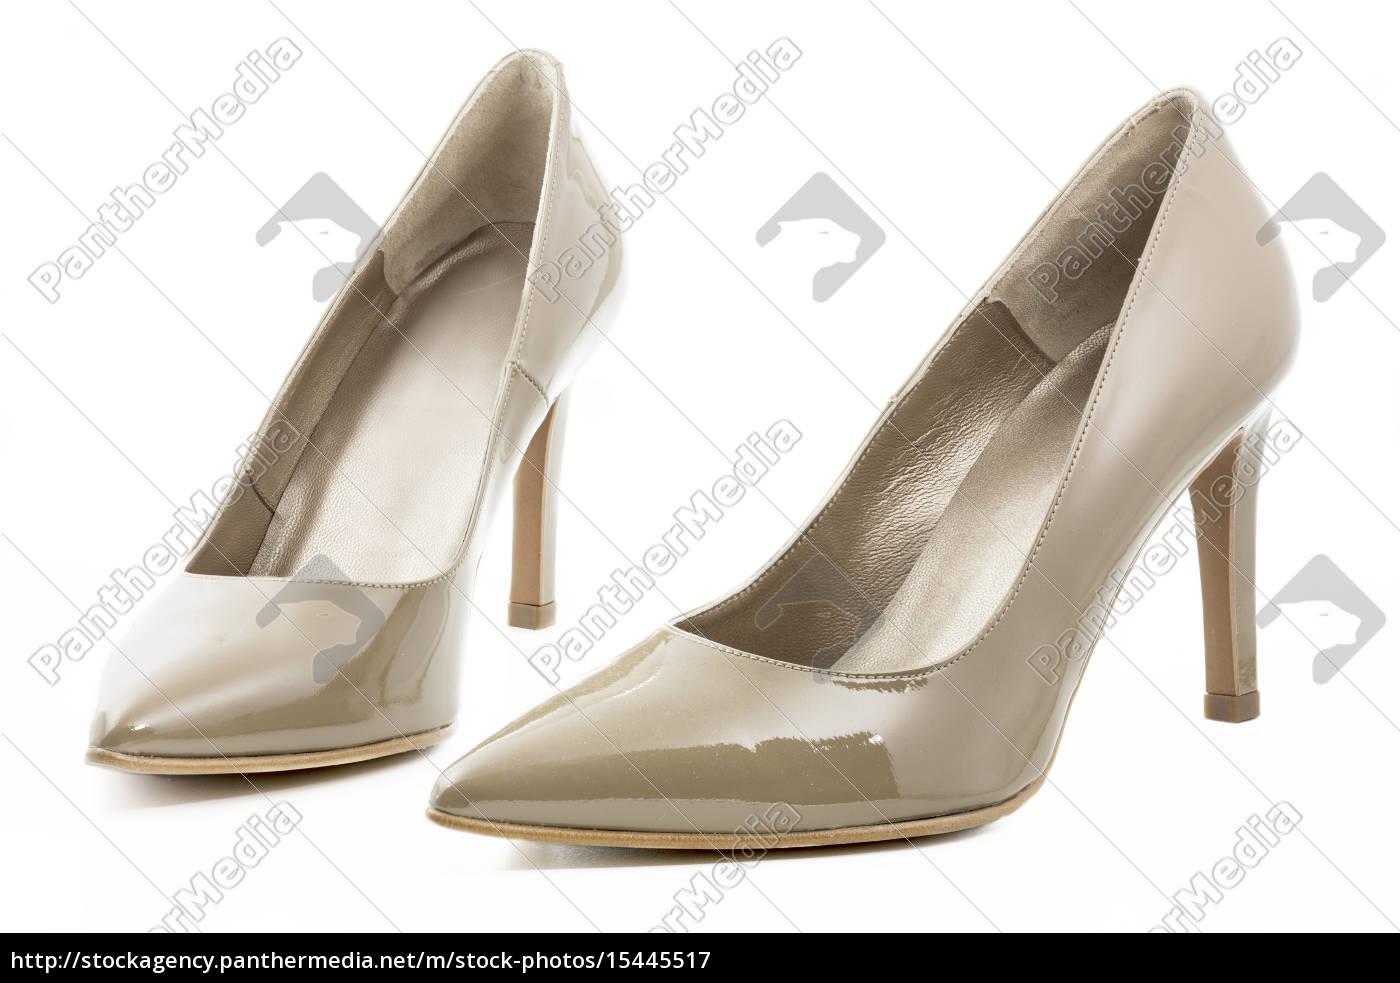 separation shoes ca73b 2ce80 Lizenzfreies Bild 15445517 - Stöckelschuhe in beige auf weißem Hintergrund